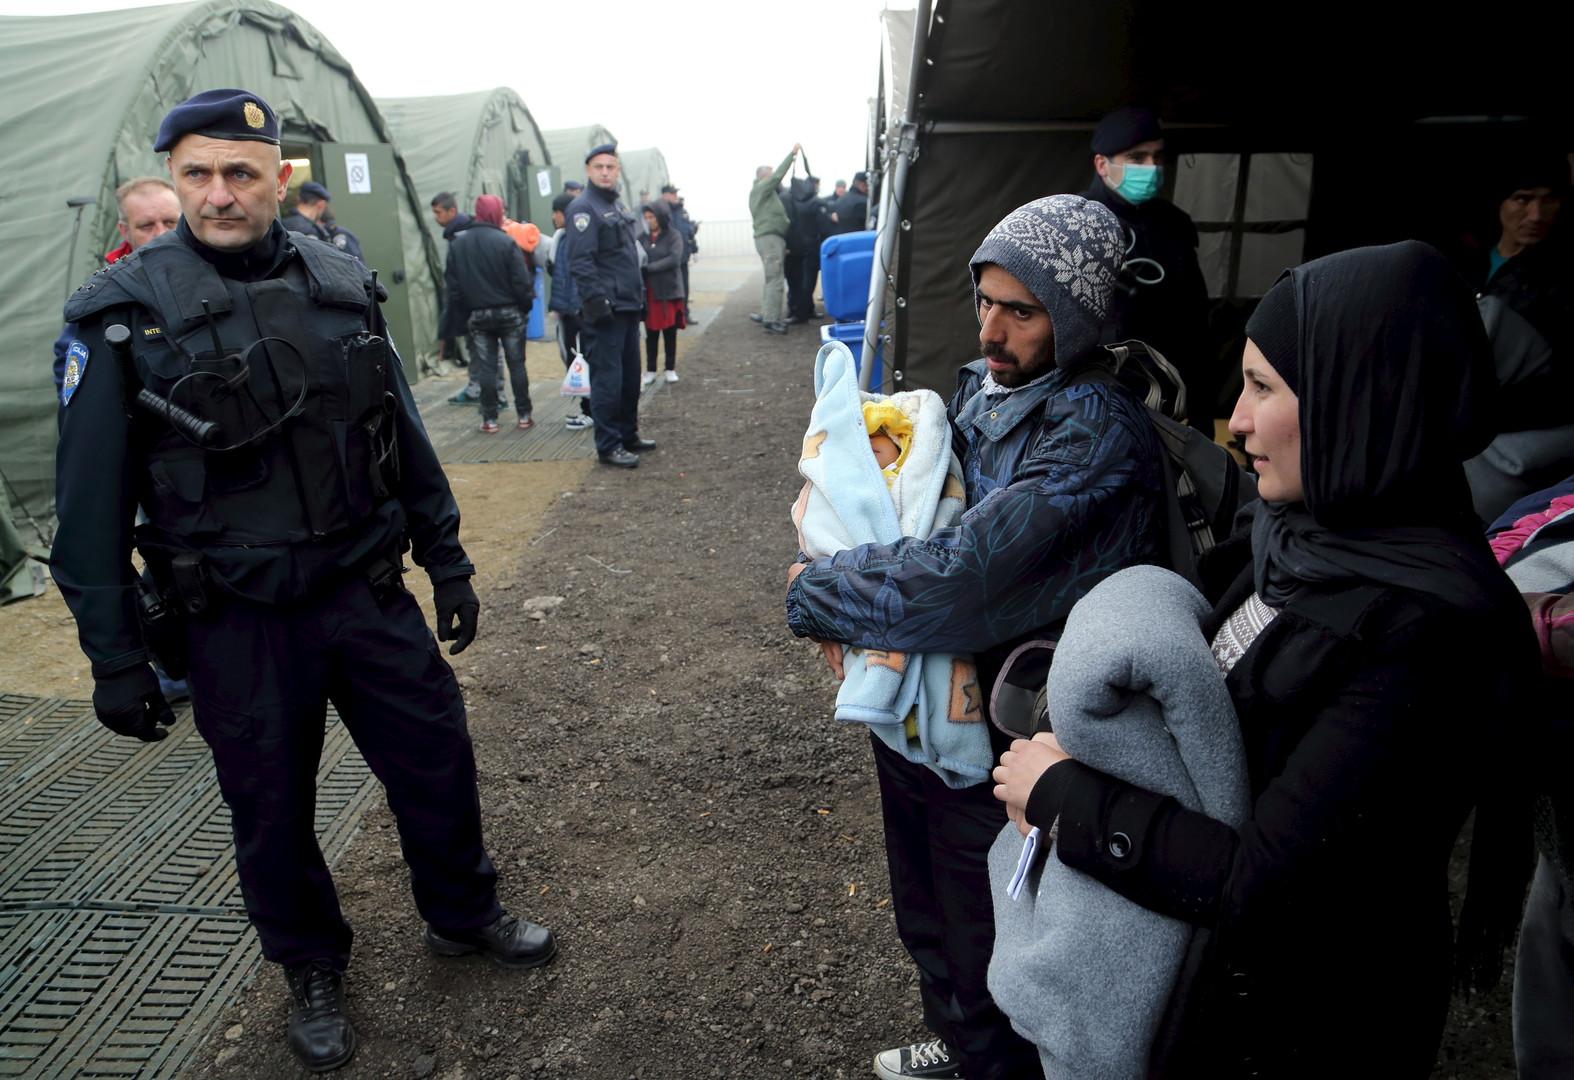 L'hiver approche et les migrants du camp de réfugiés de Slavonski brod essaient de s'emmitoufler en attendant leur train ou en tentant de passer l'enregistrement.